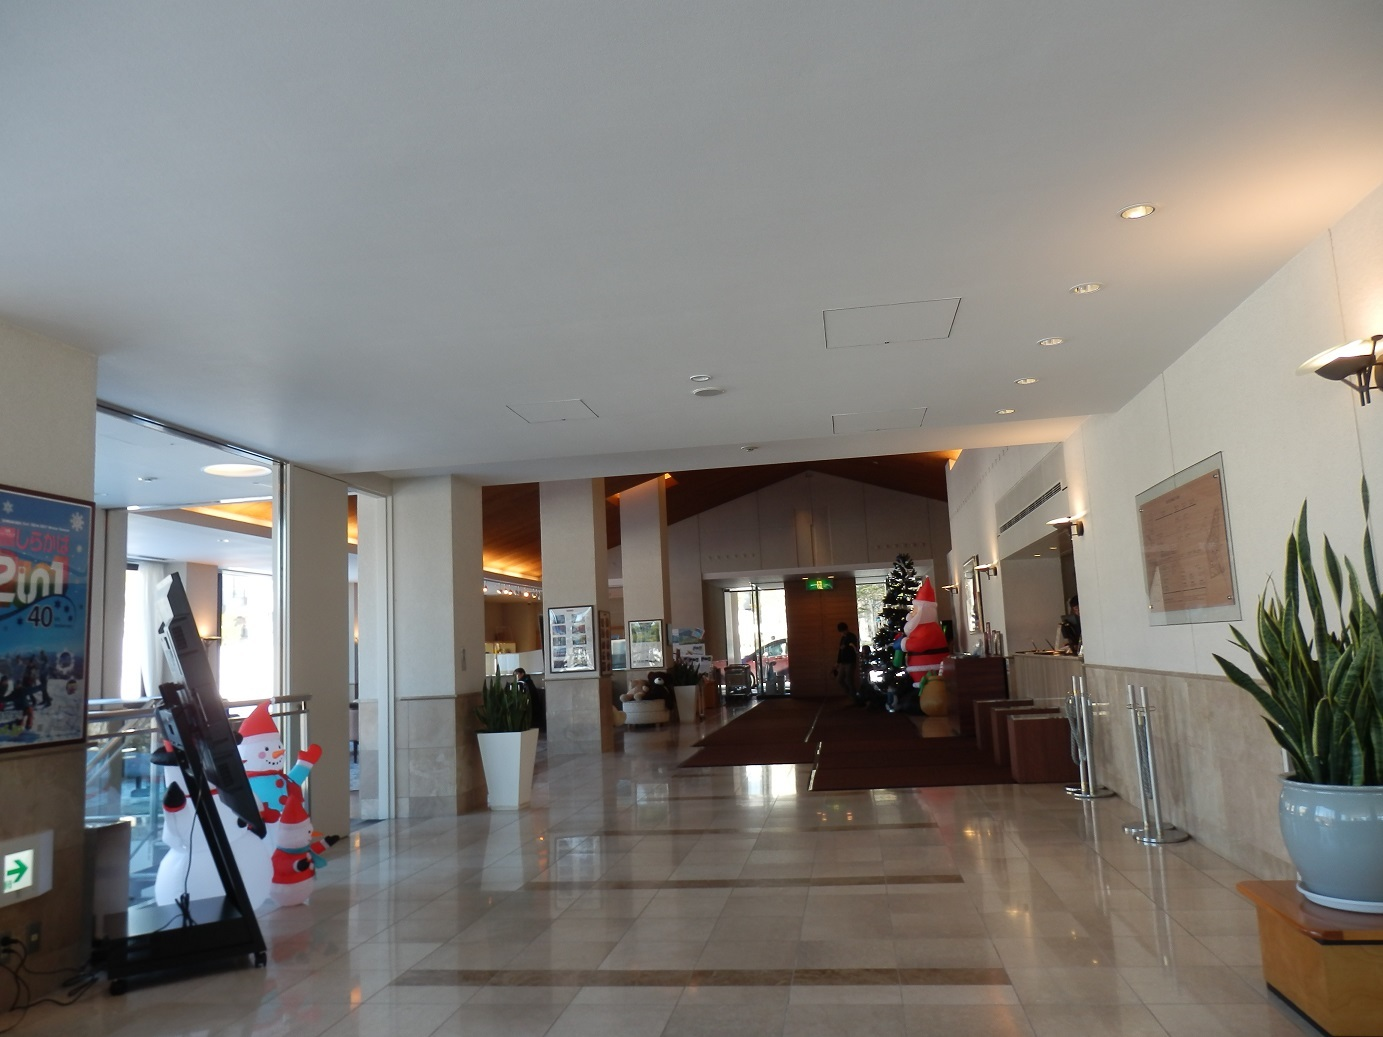 ホテルアンビエント蓼科、フロントロビー。